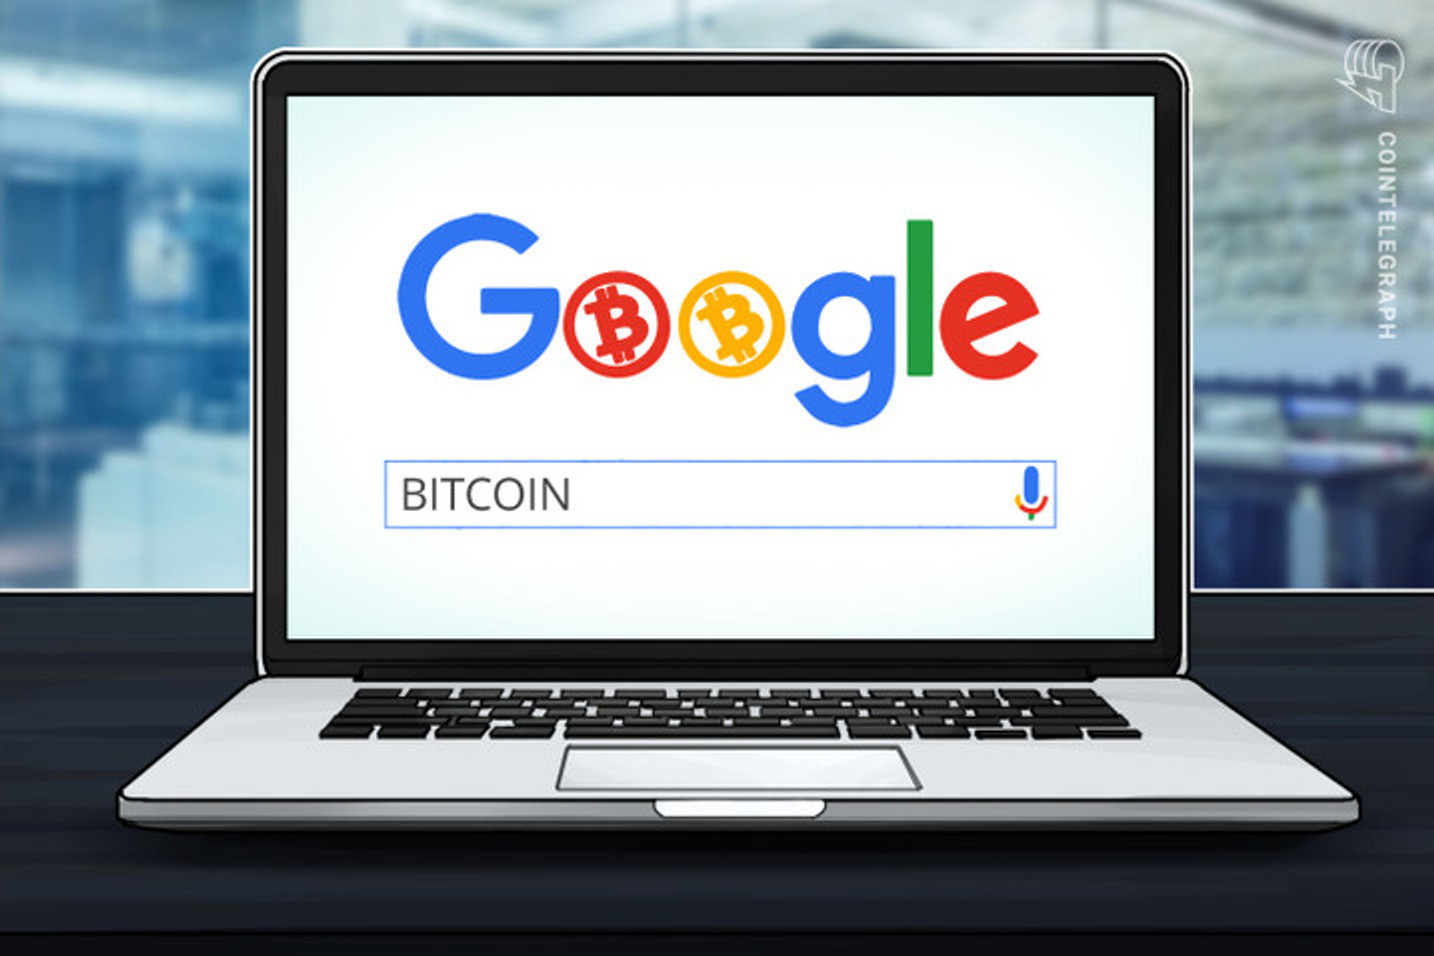 ビットコイン価格とグーグル検索数とは「91%の相関あり」=仮想通貨分析企業クリプトコンペア